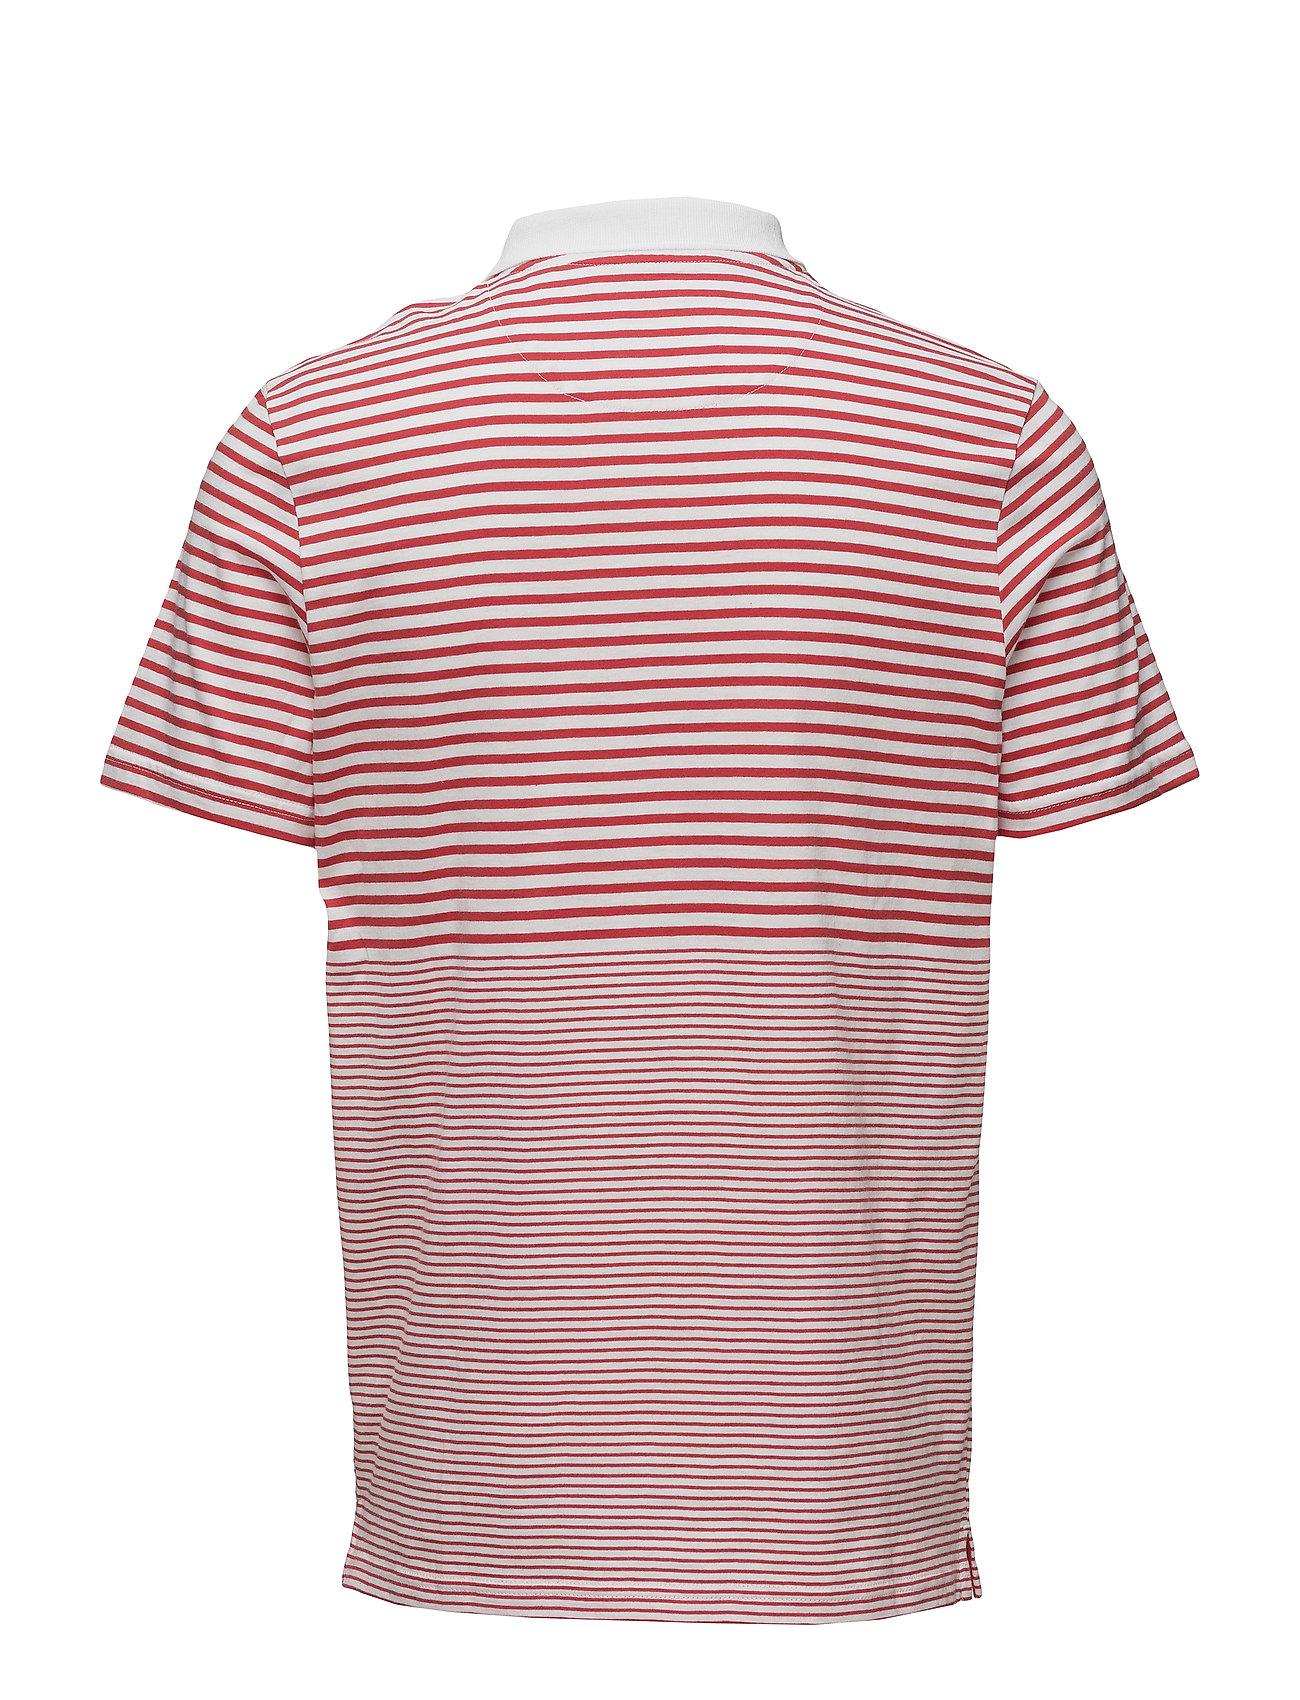 Stripe Stripe ShirtpoppyLyleamp; Scott Stripe ShirtpoppyLyleamp; Polo Scott Stripe Polo Polo Polo Scott ShirtpoppyLyleamp; lFcK1J